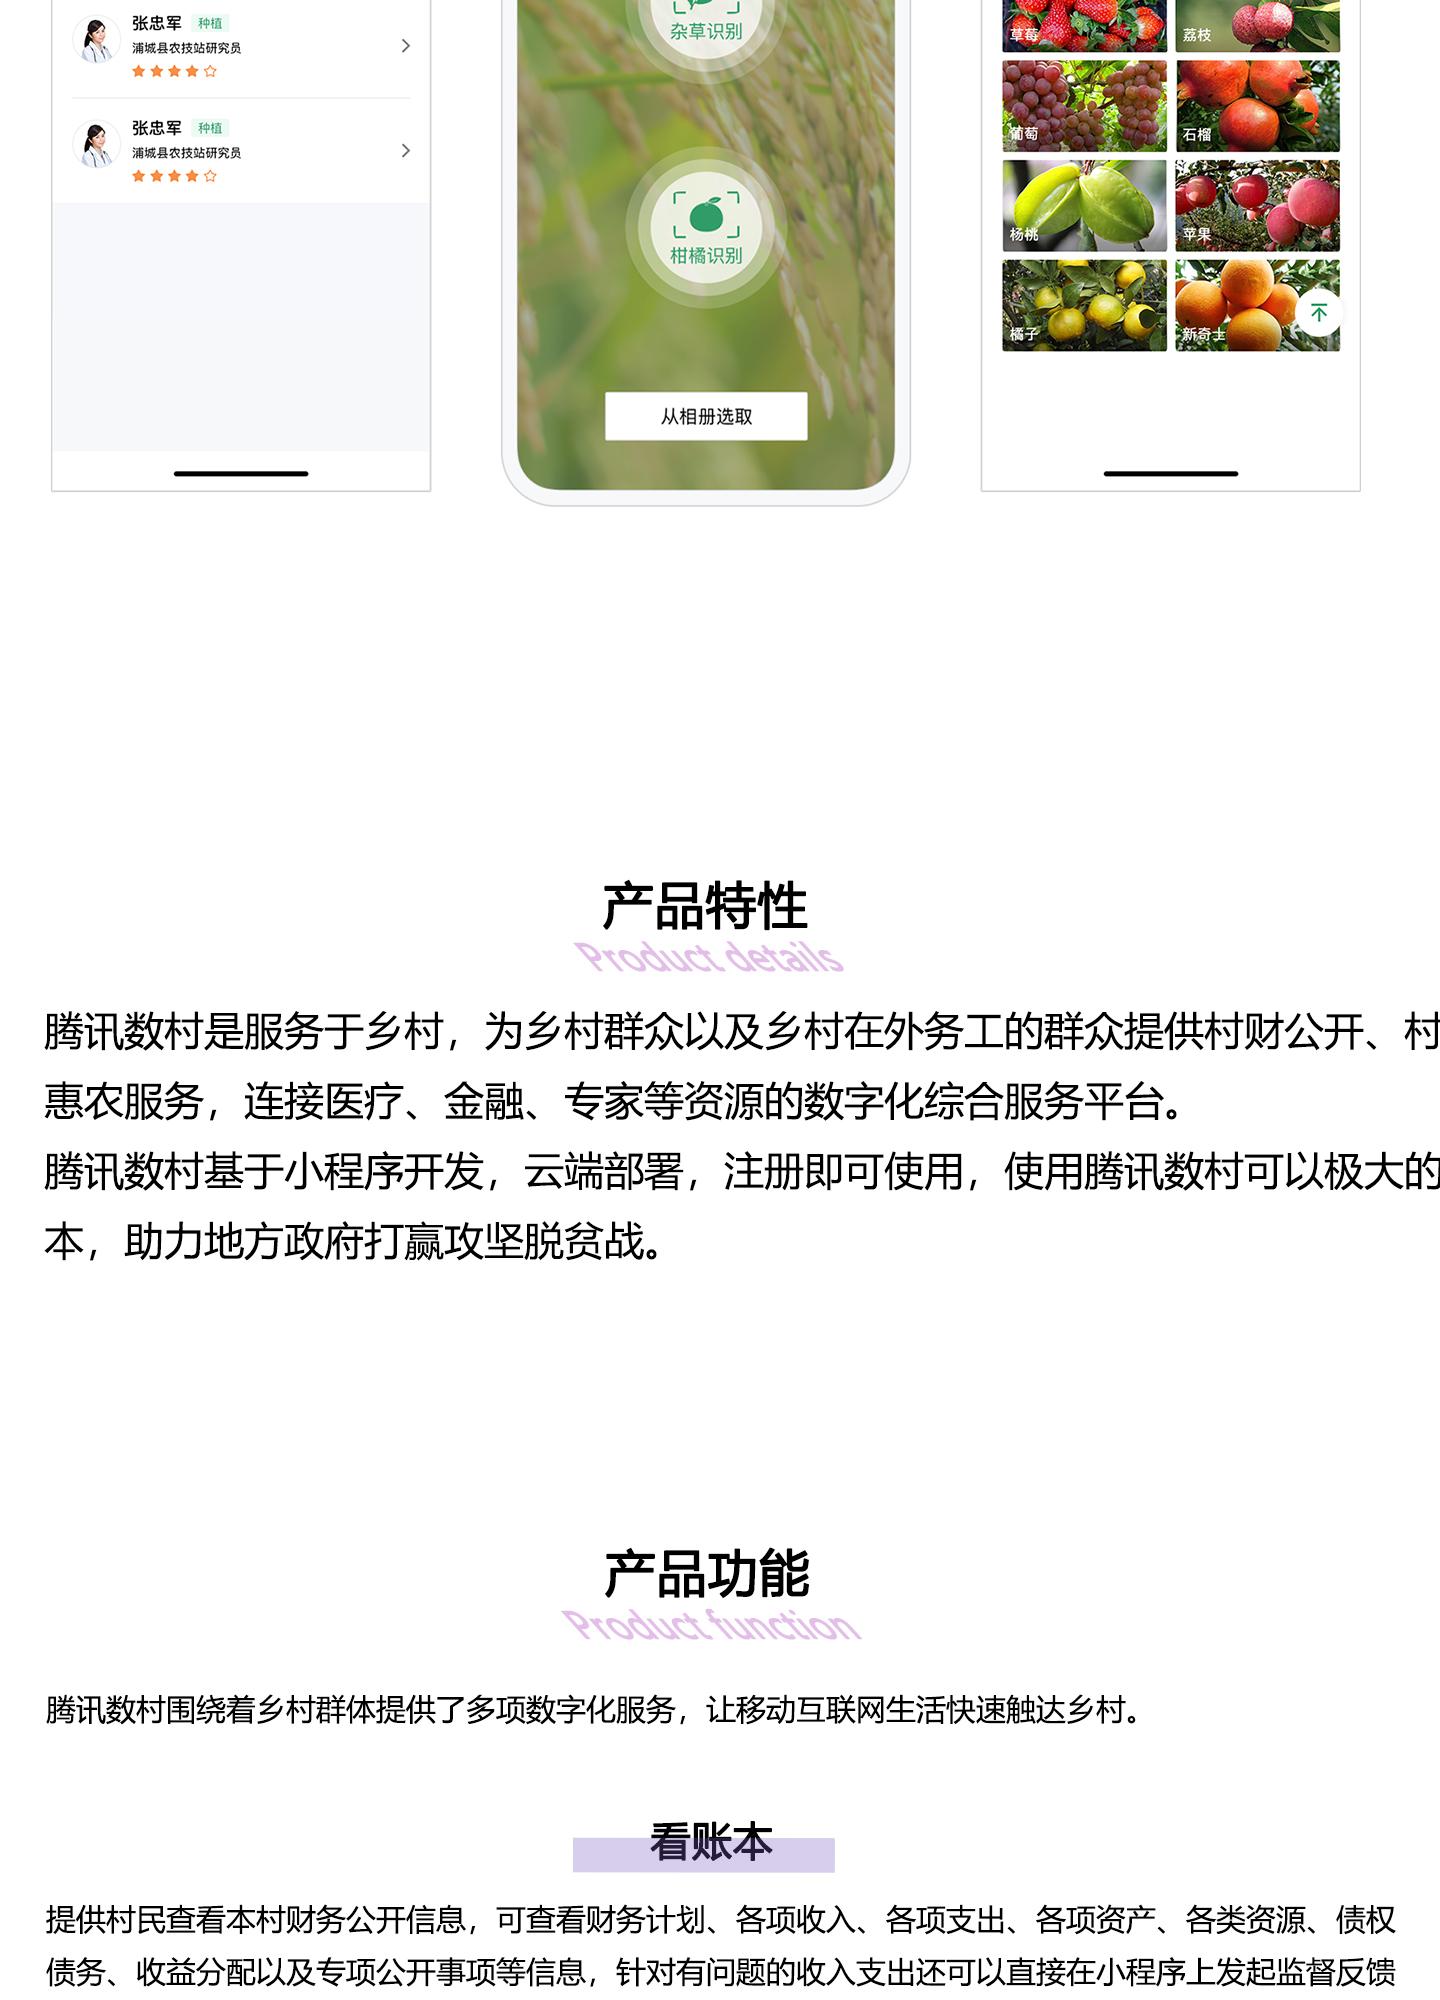 腾讯数字农村-TDC1440_06.jpg